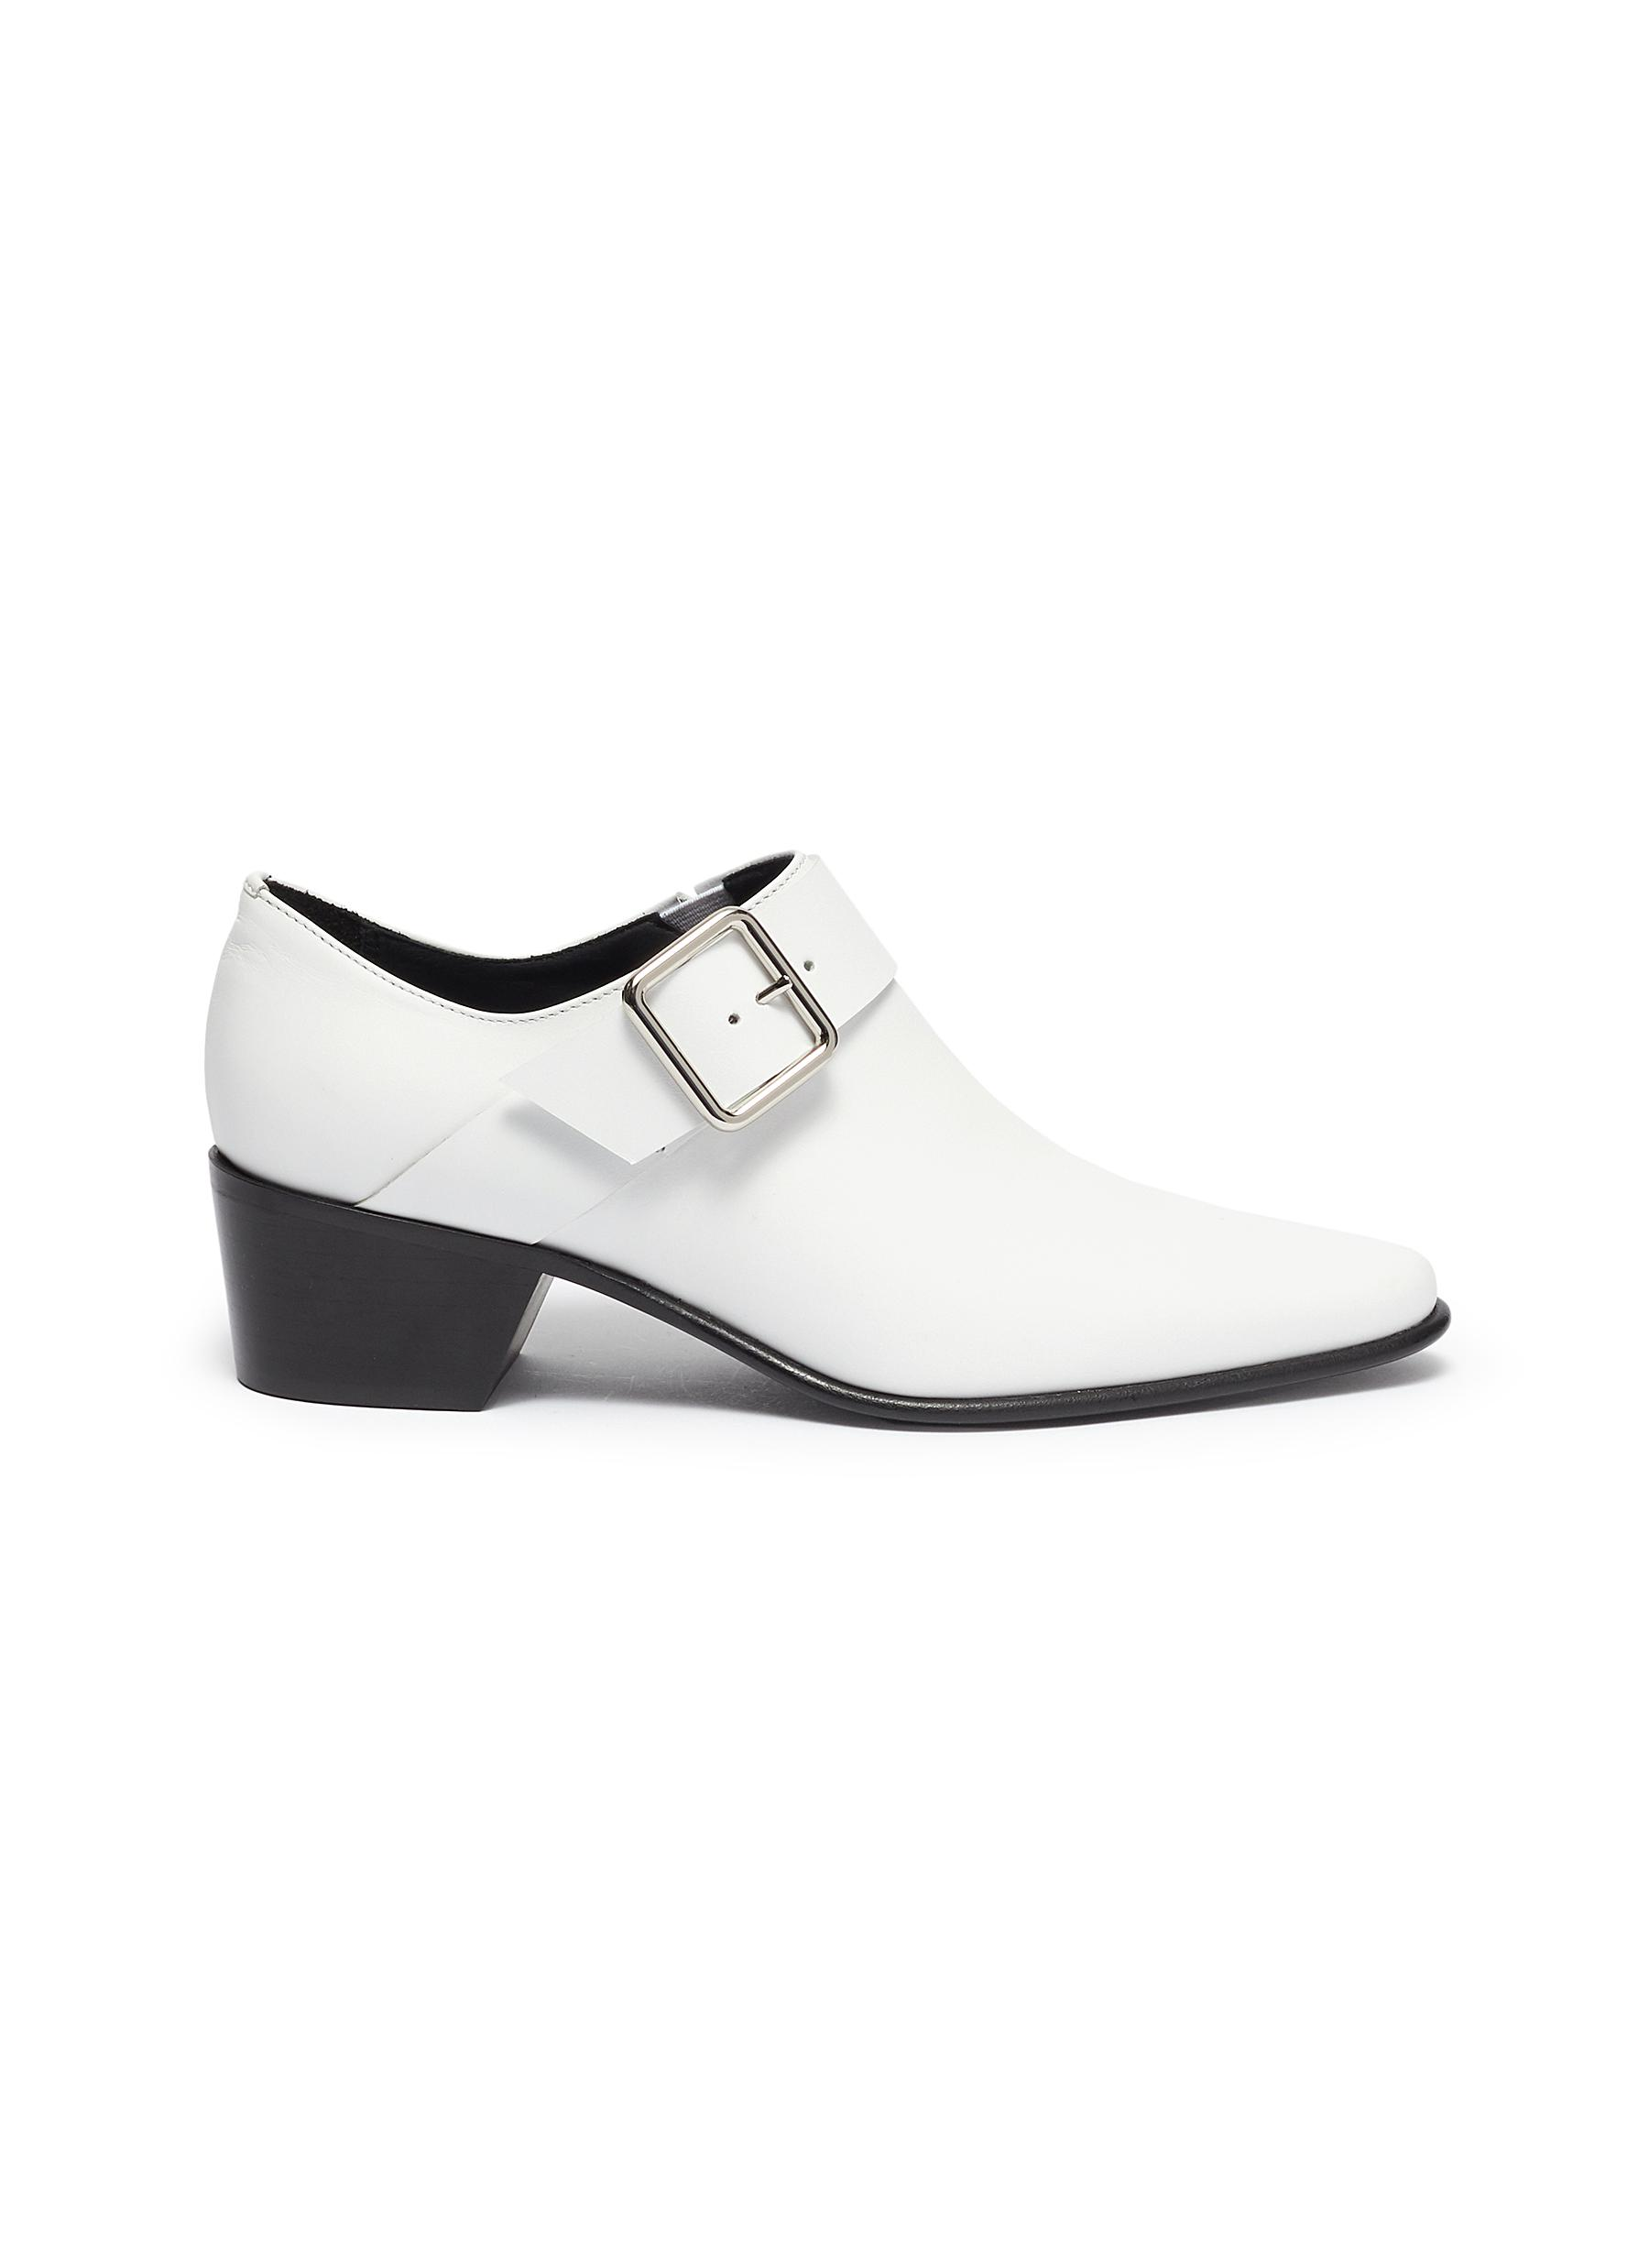 Pierre Hardy Low Heels Joni calfskin leather loafers